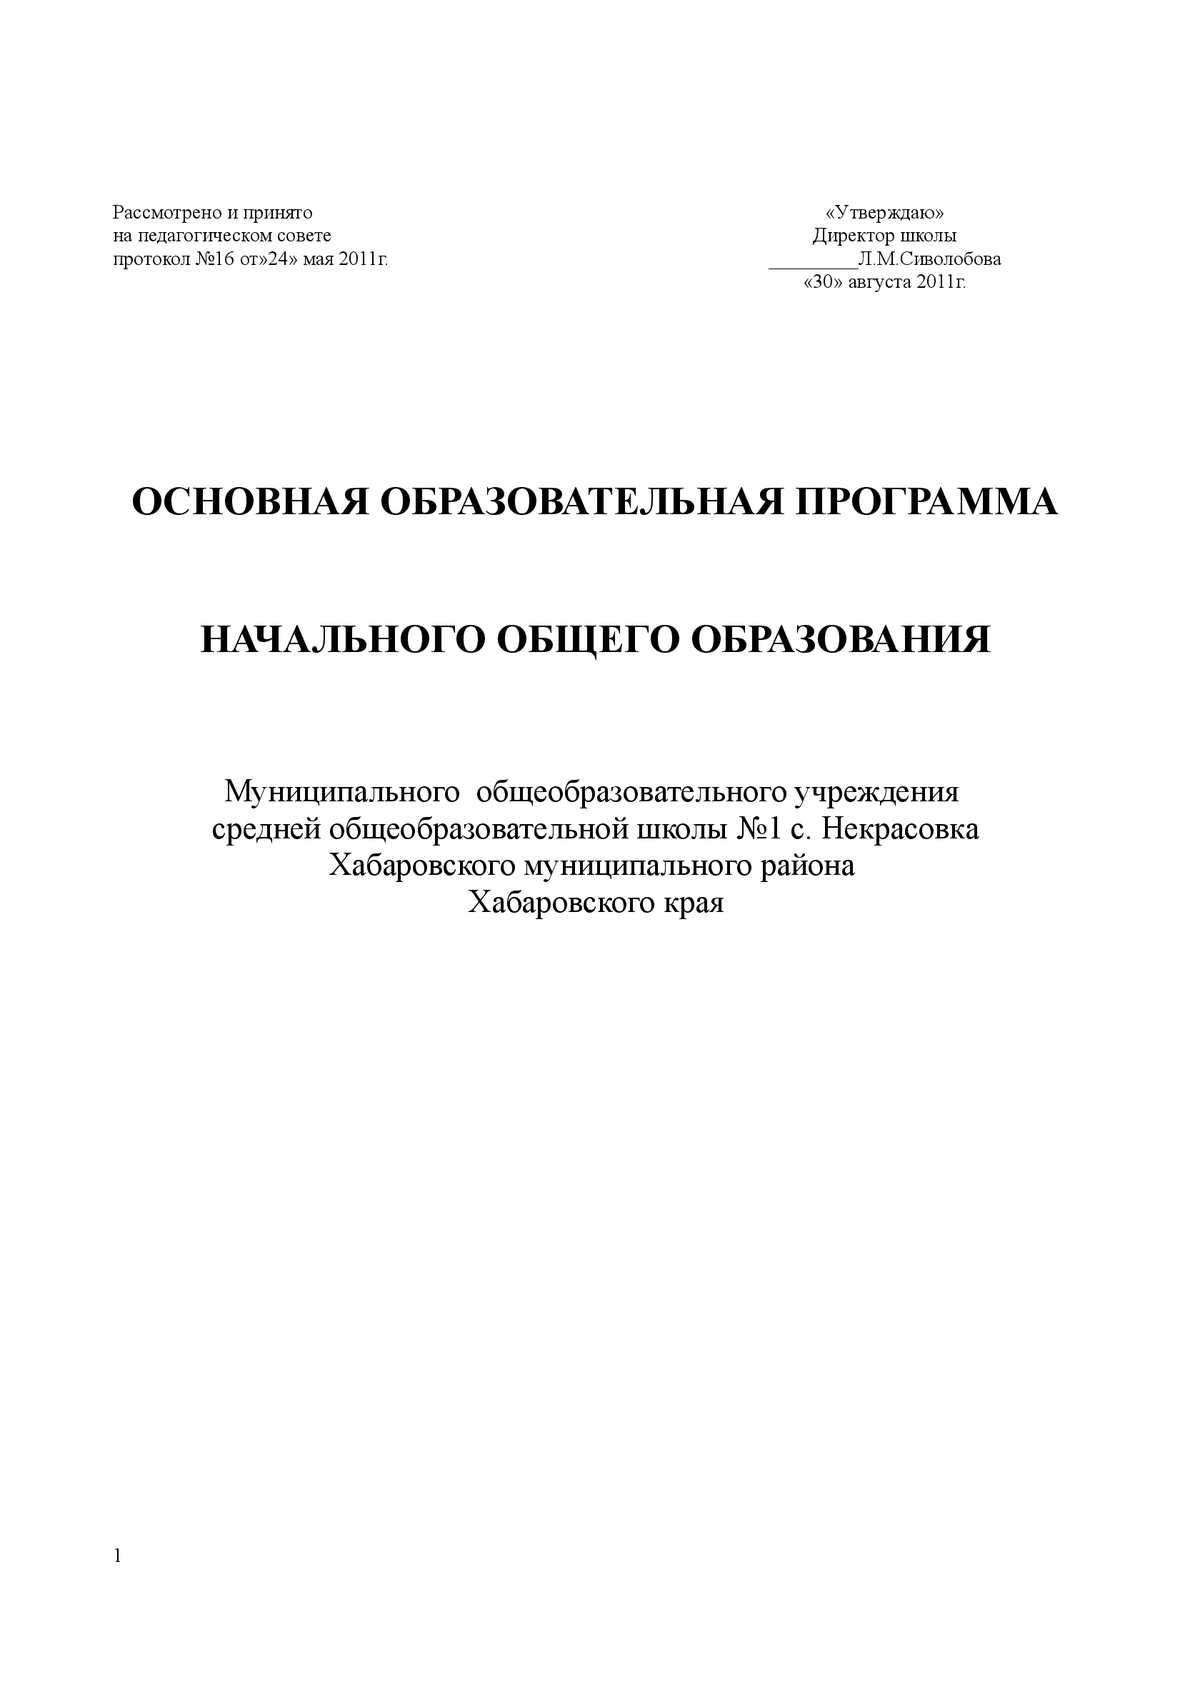 Стоимость аудио поздравления по украине на телефон